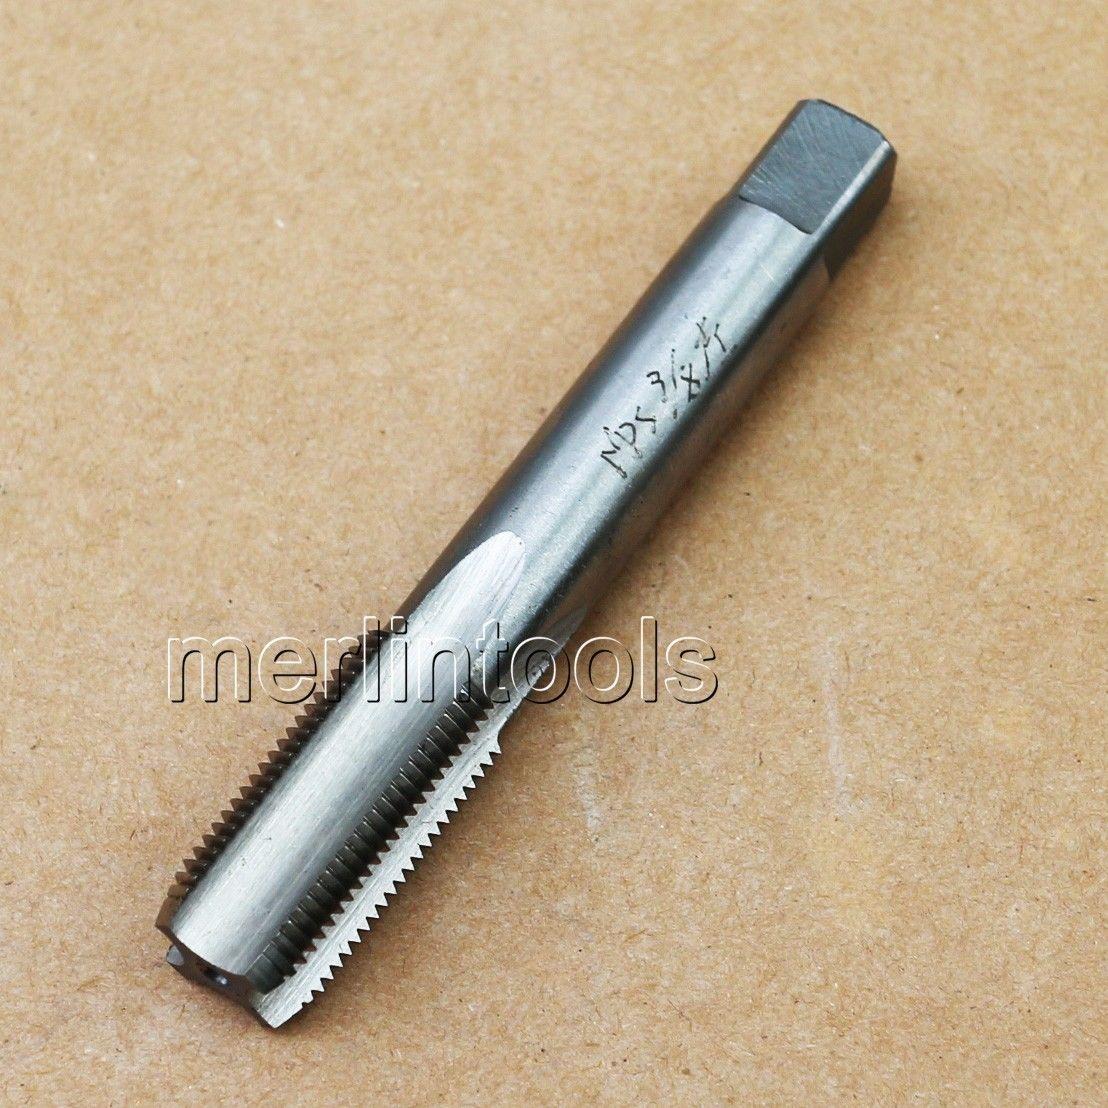 3/8 - 18 NPS Straight Pipe HSS Left hand Tap 3/8 - 18 TPI 18 8 9cm